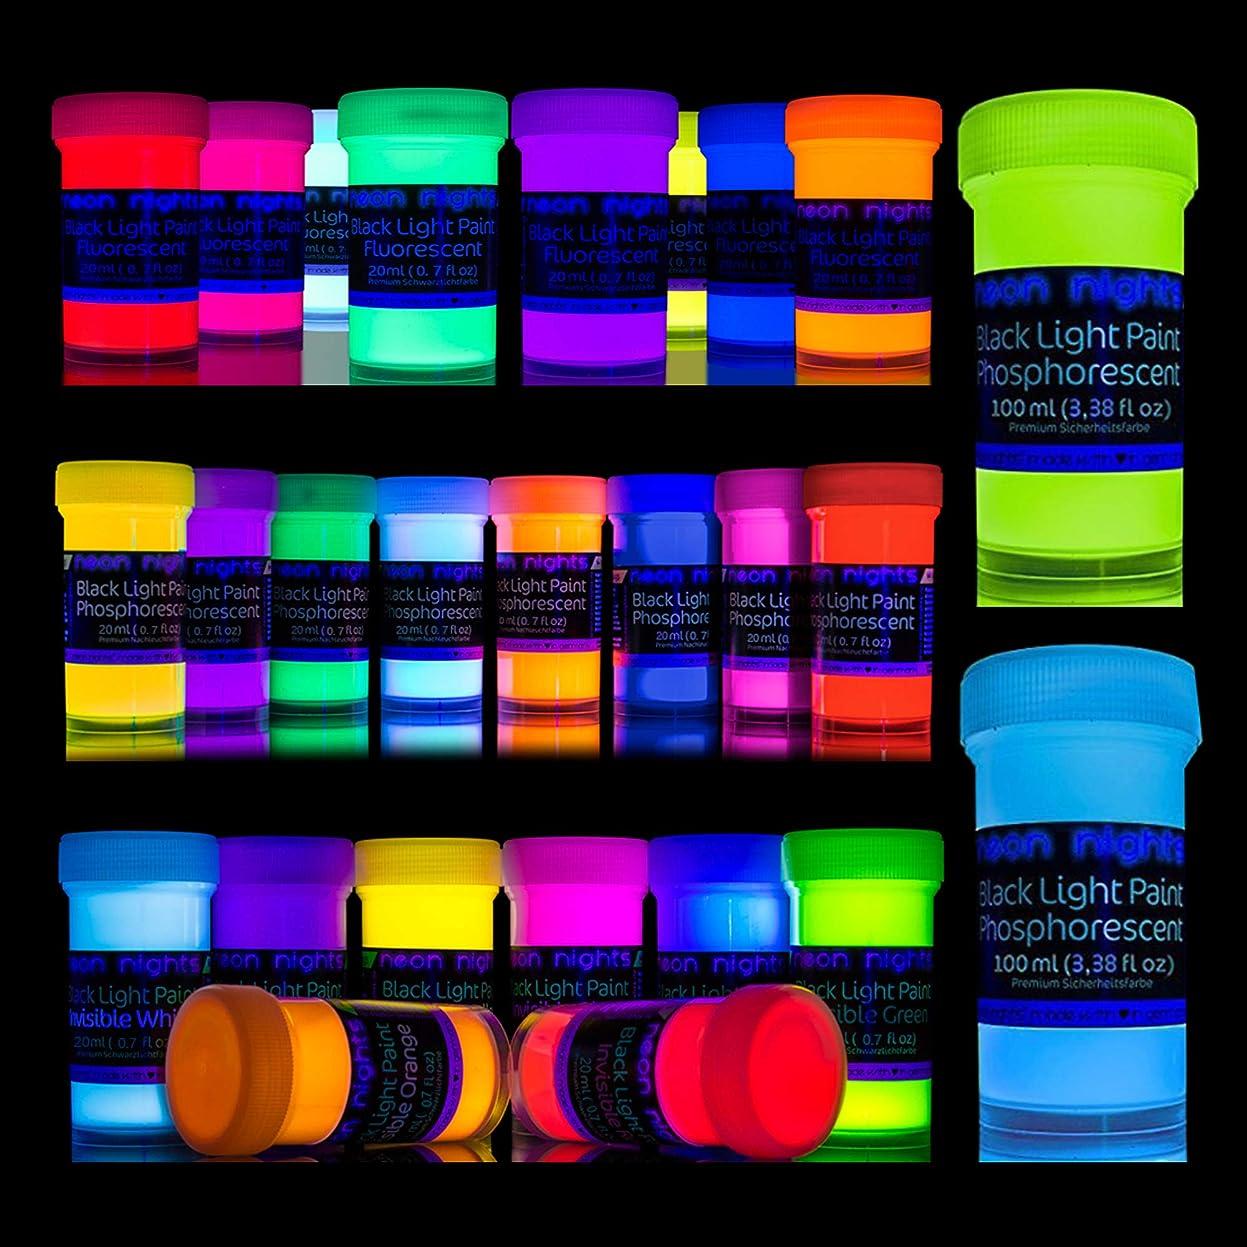 関数横たわる光沢のあるneon nights 'Glow Crafts XXLセット' 26缶の塗料 | 暗闇で光る + UVブラックライト + 見えない蛍光塗料 | 発光、リン、自己発光 | プレミアムアートと壁絵画用